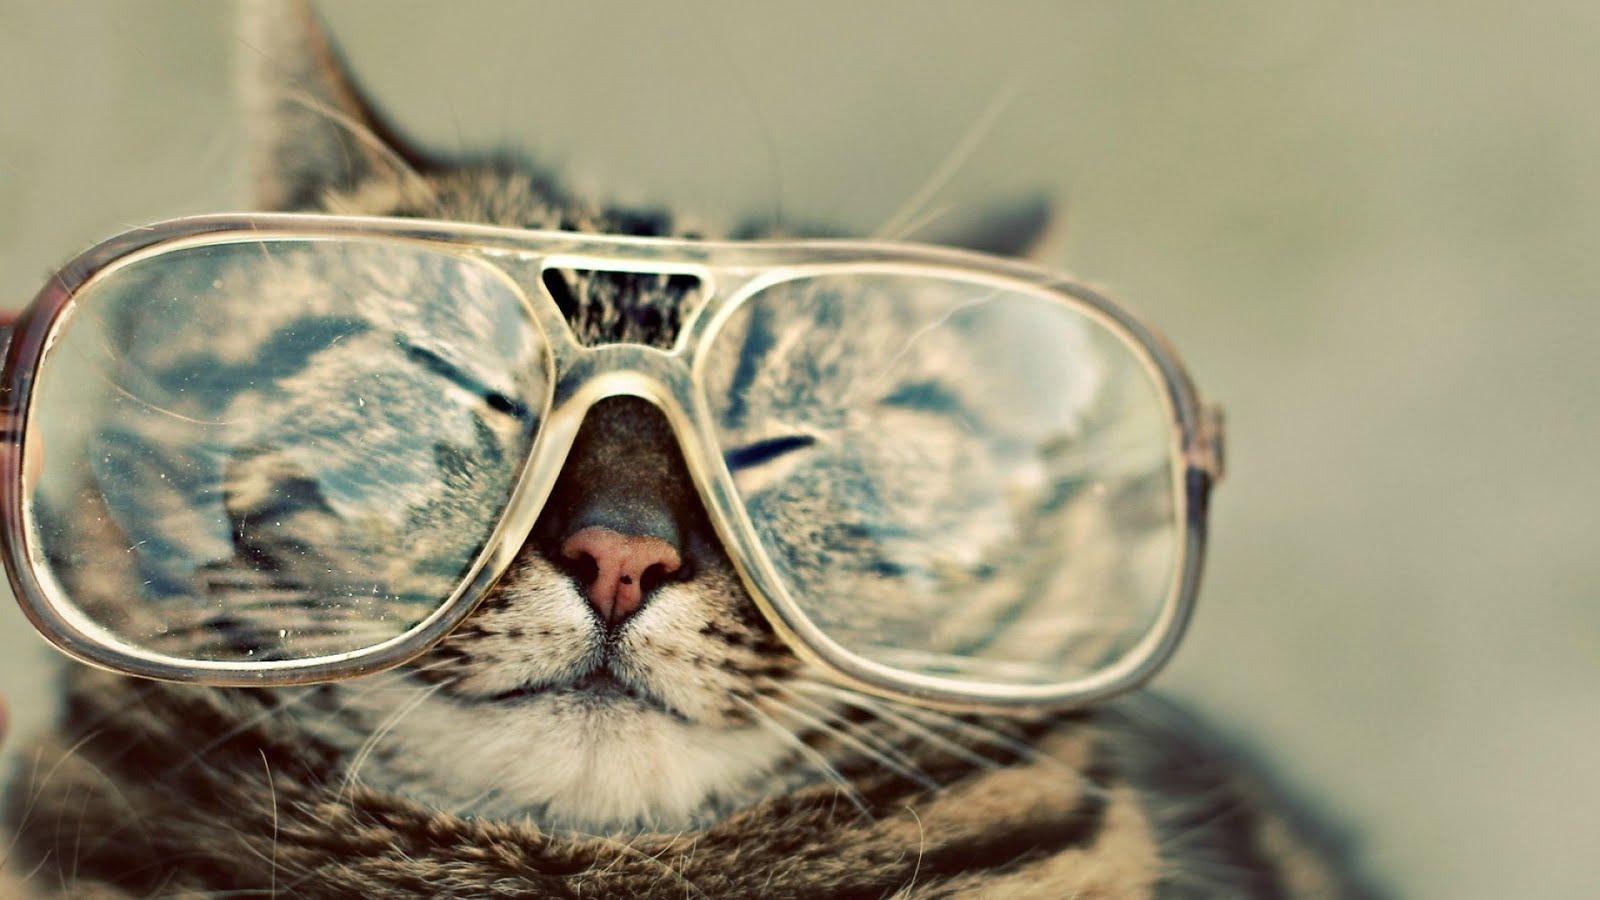 Poza cu pisica pentru click-uri